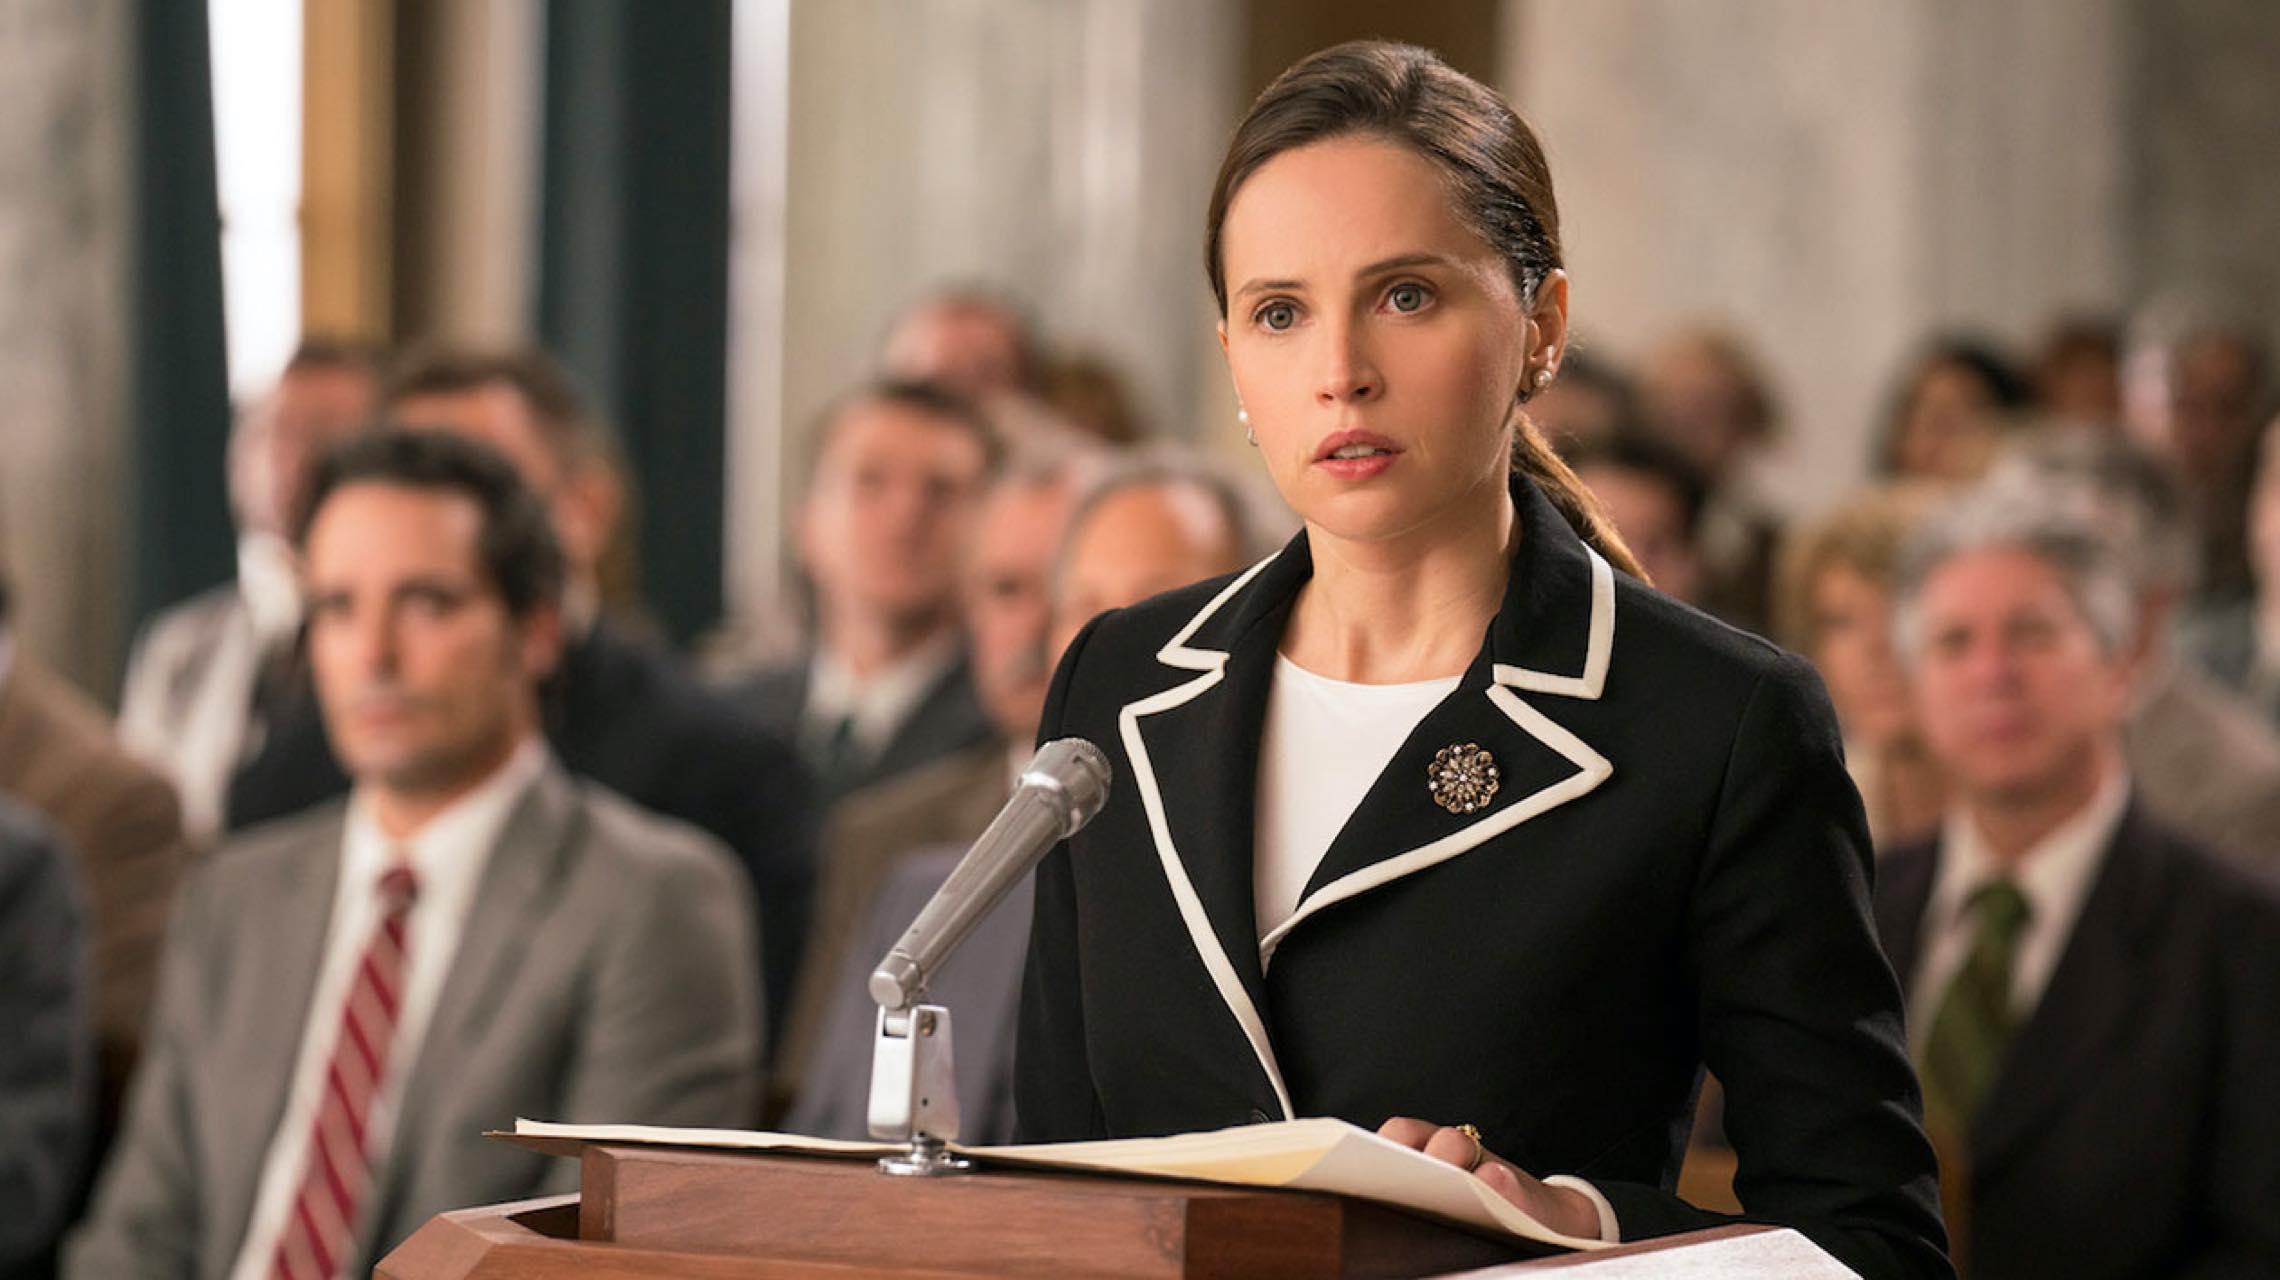 5分32秒にわたるスピーチに心がザワつく!世紀の男女平等裁判に挑んだ女性弁護士